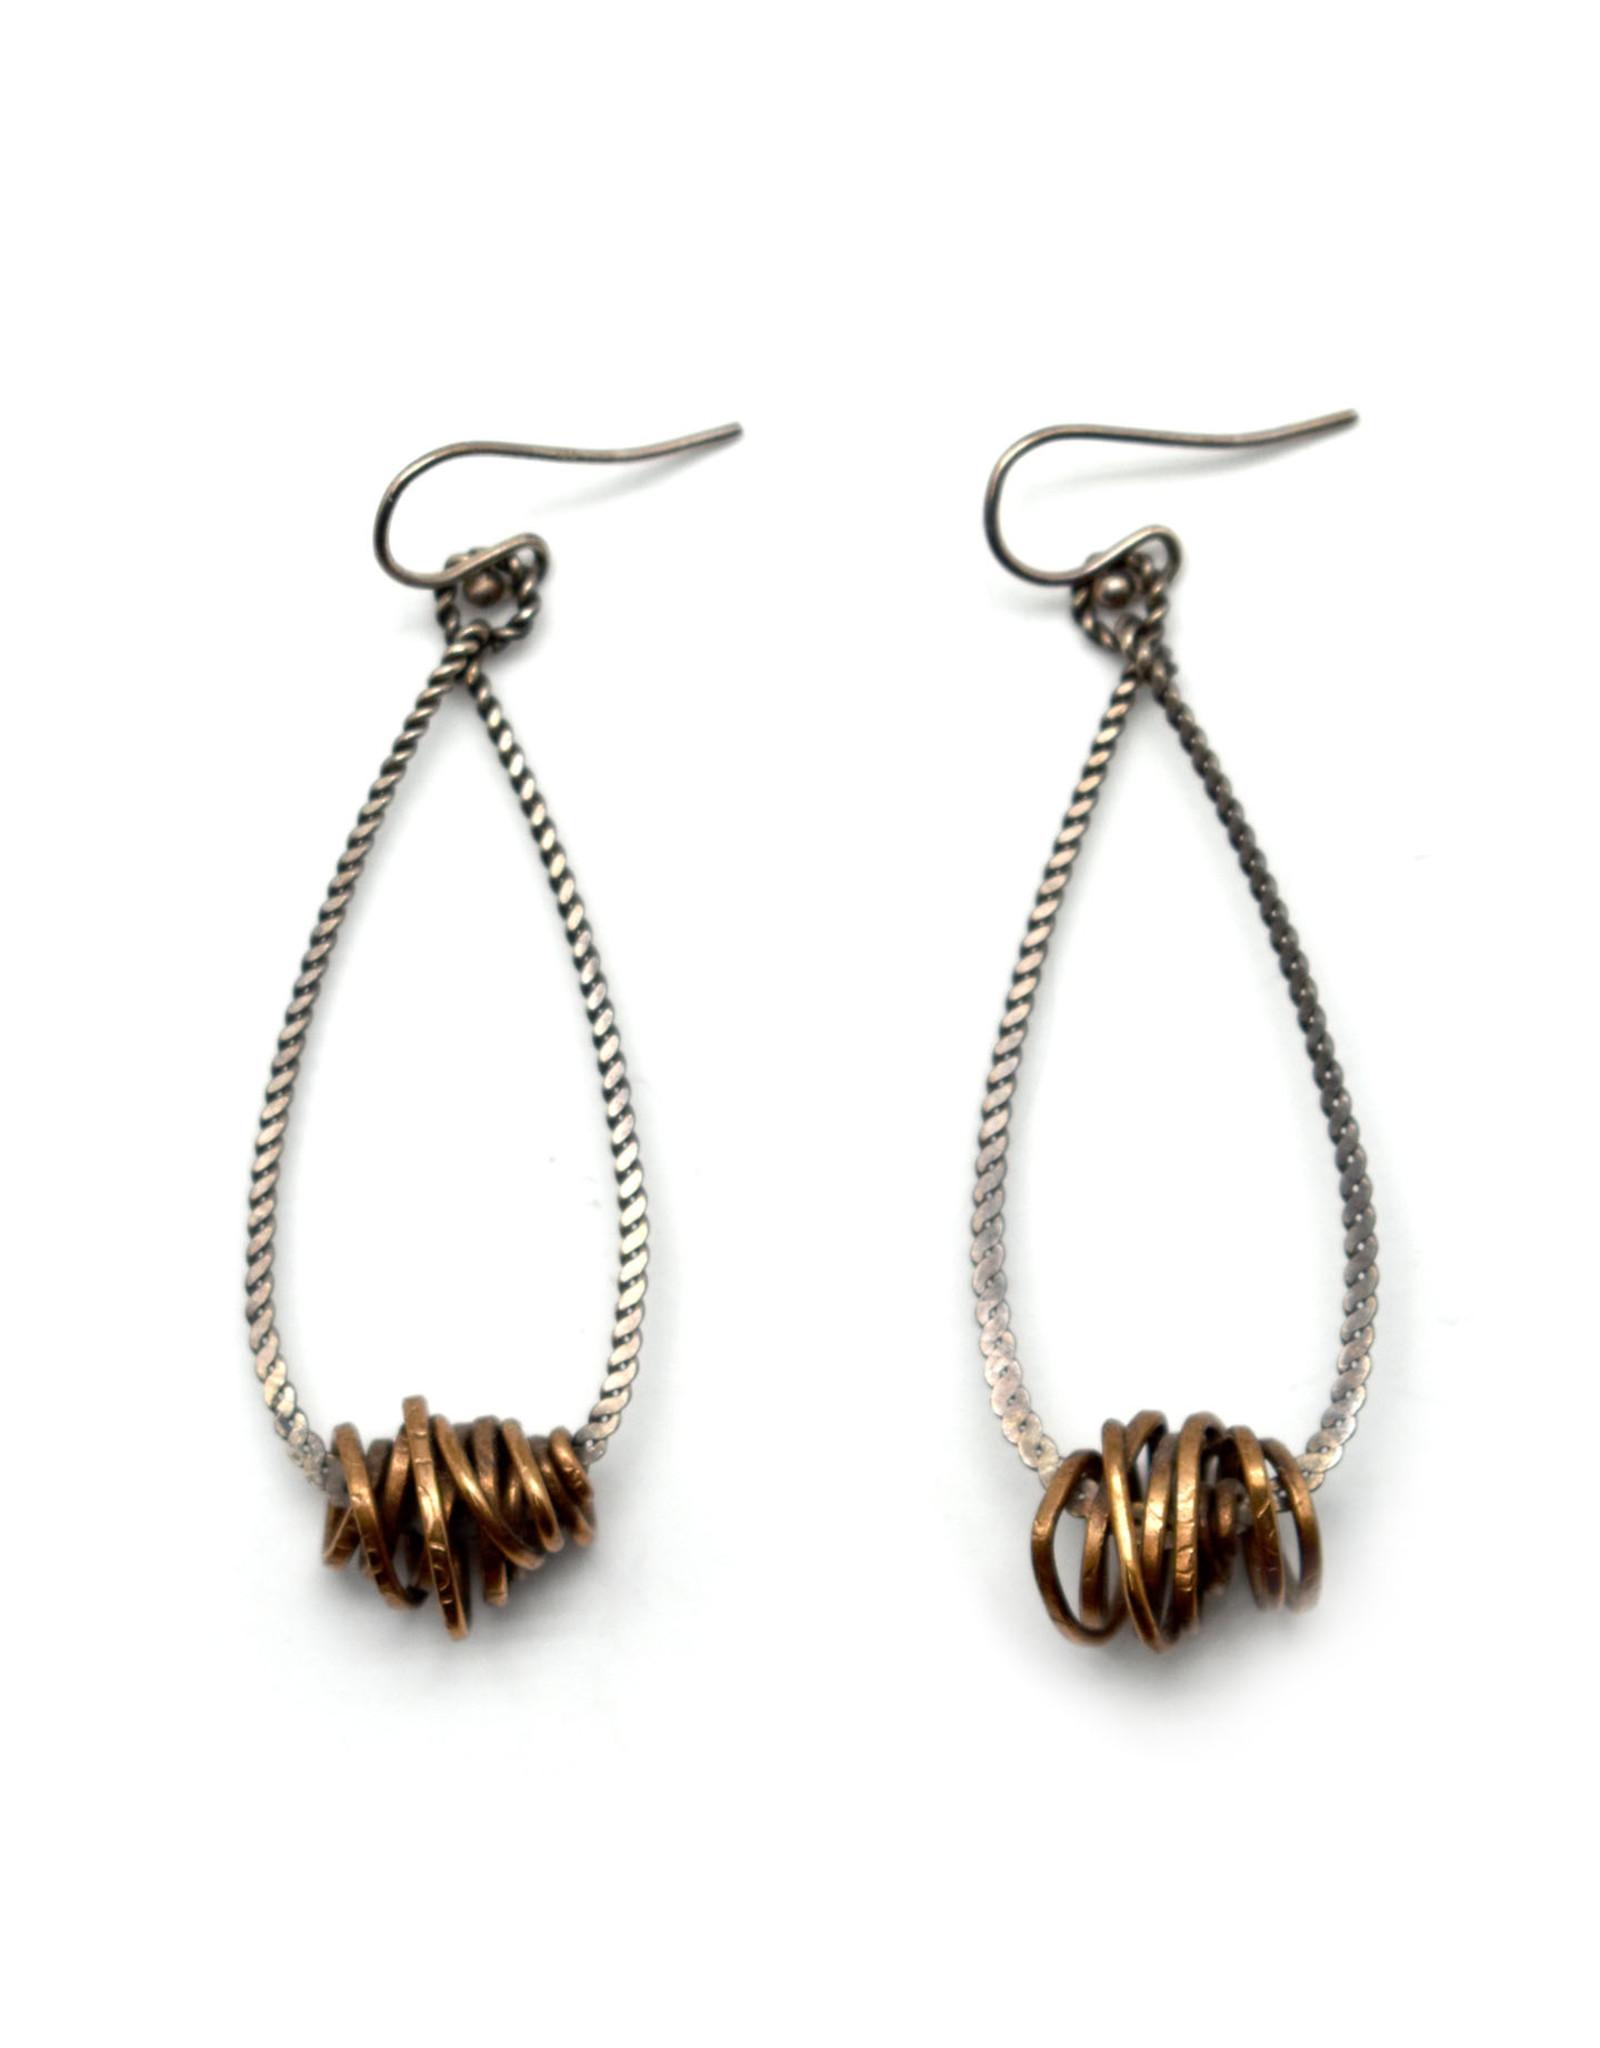 Copper Knot Earrings